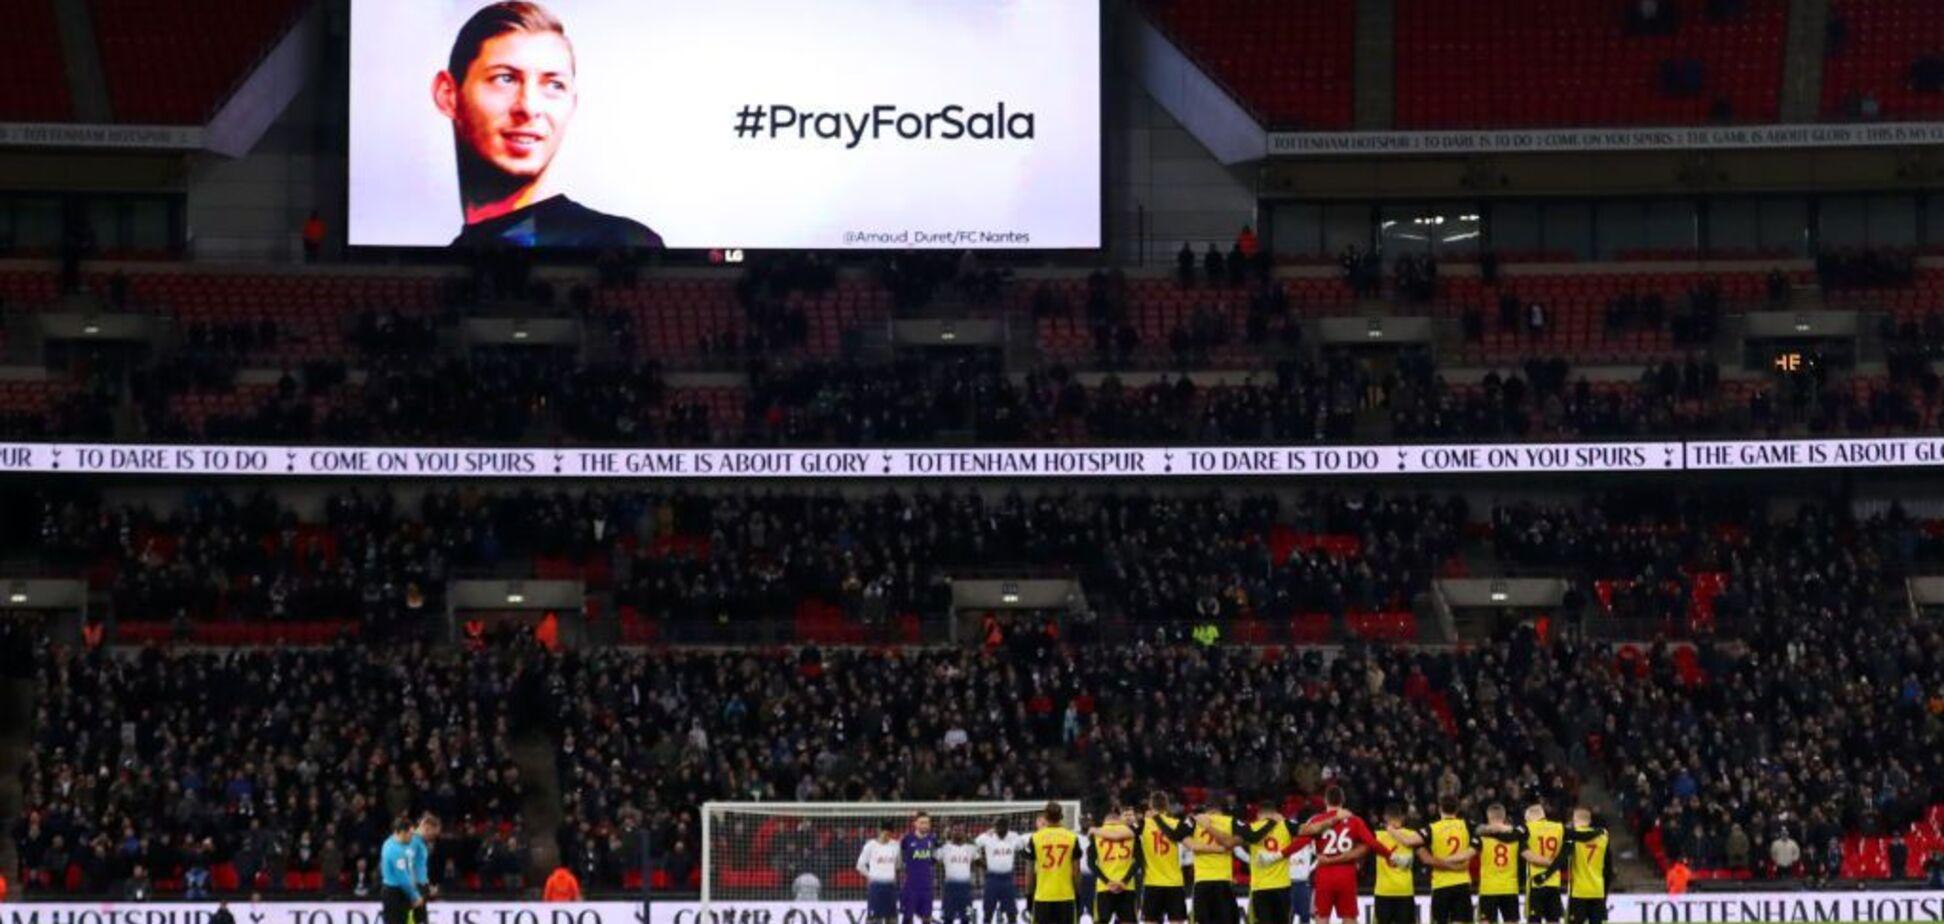 ''Его заставили'': друг пропавшего знаменитого футболиста раскрыл причины трагедии